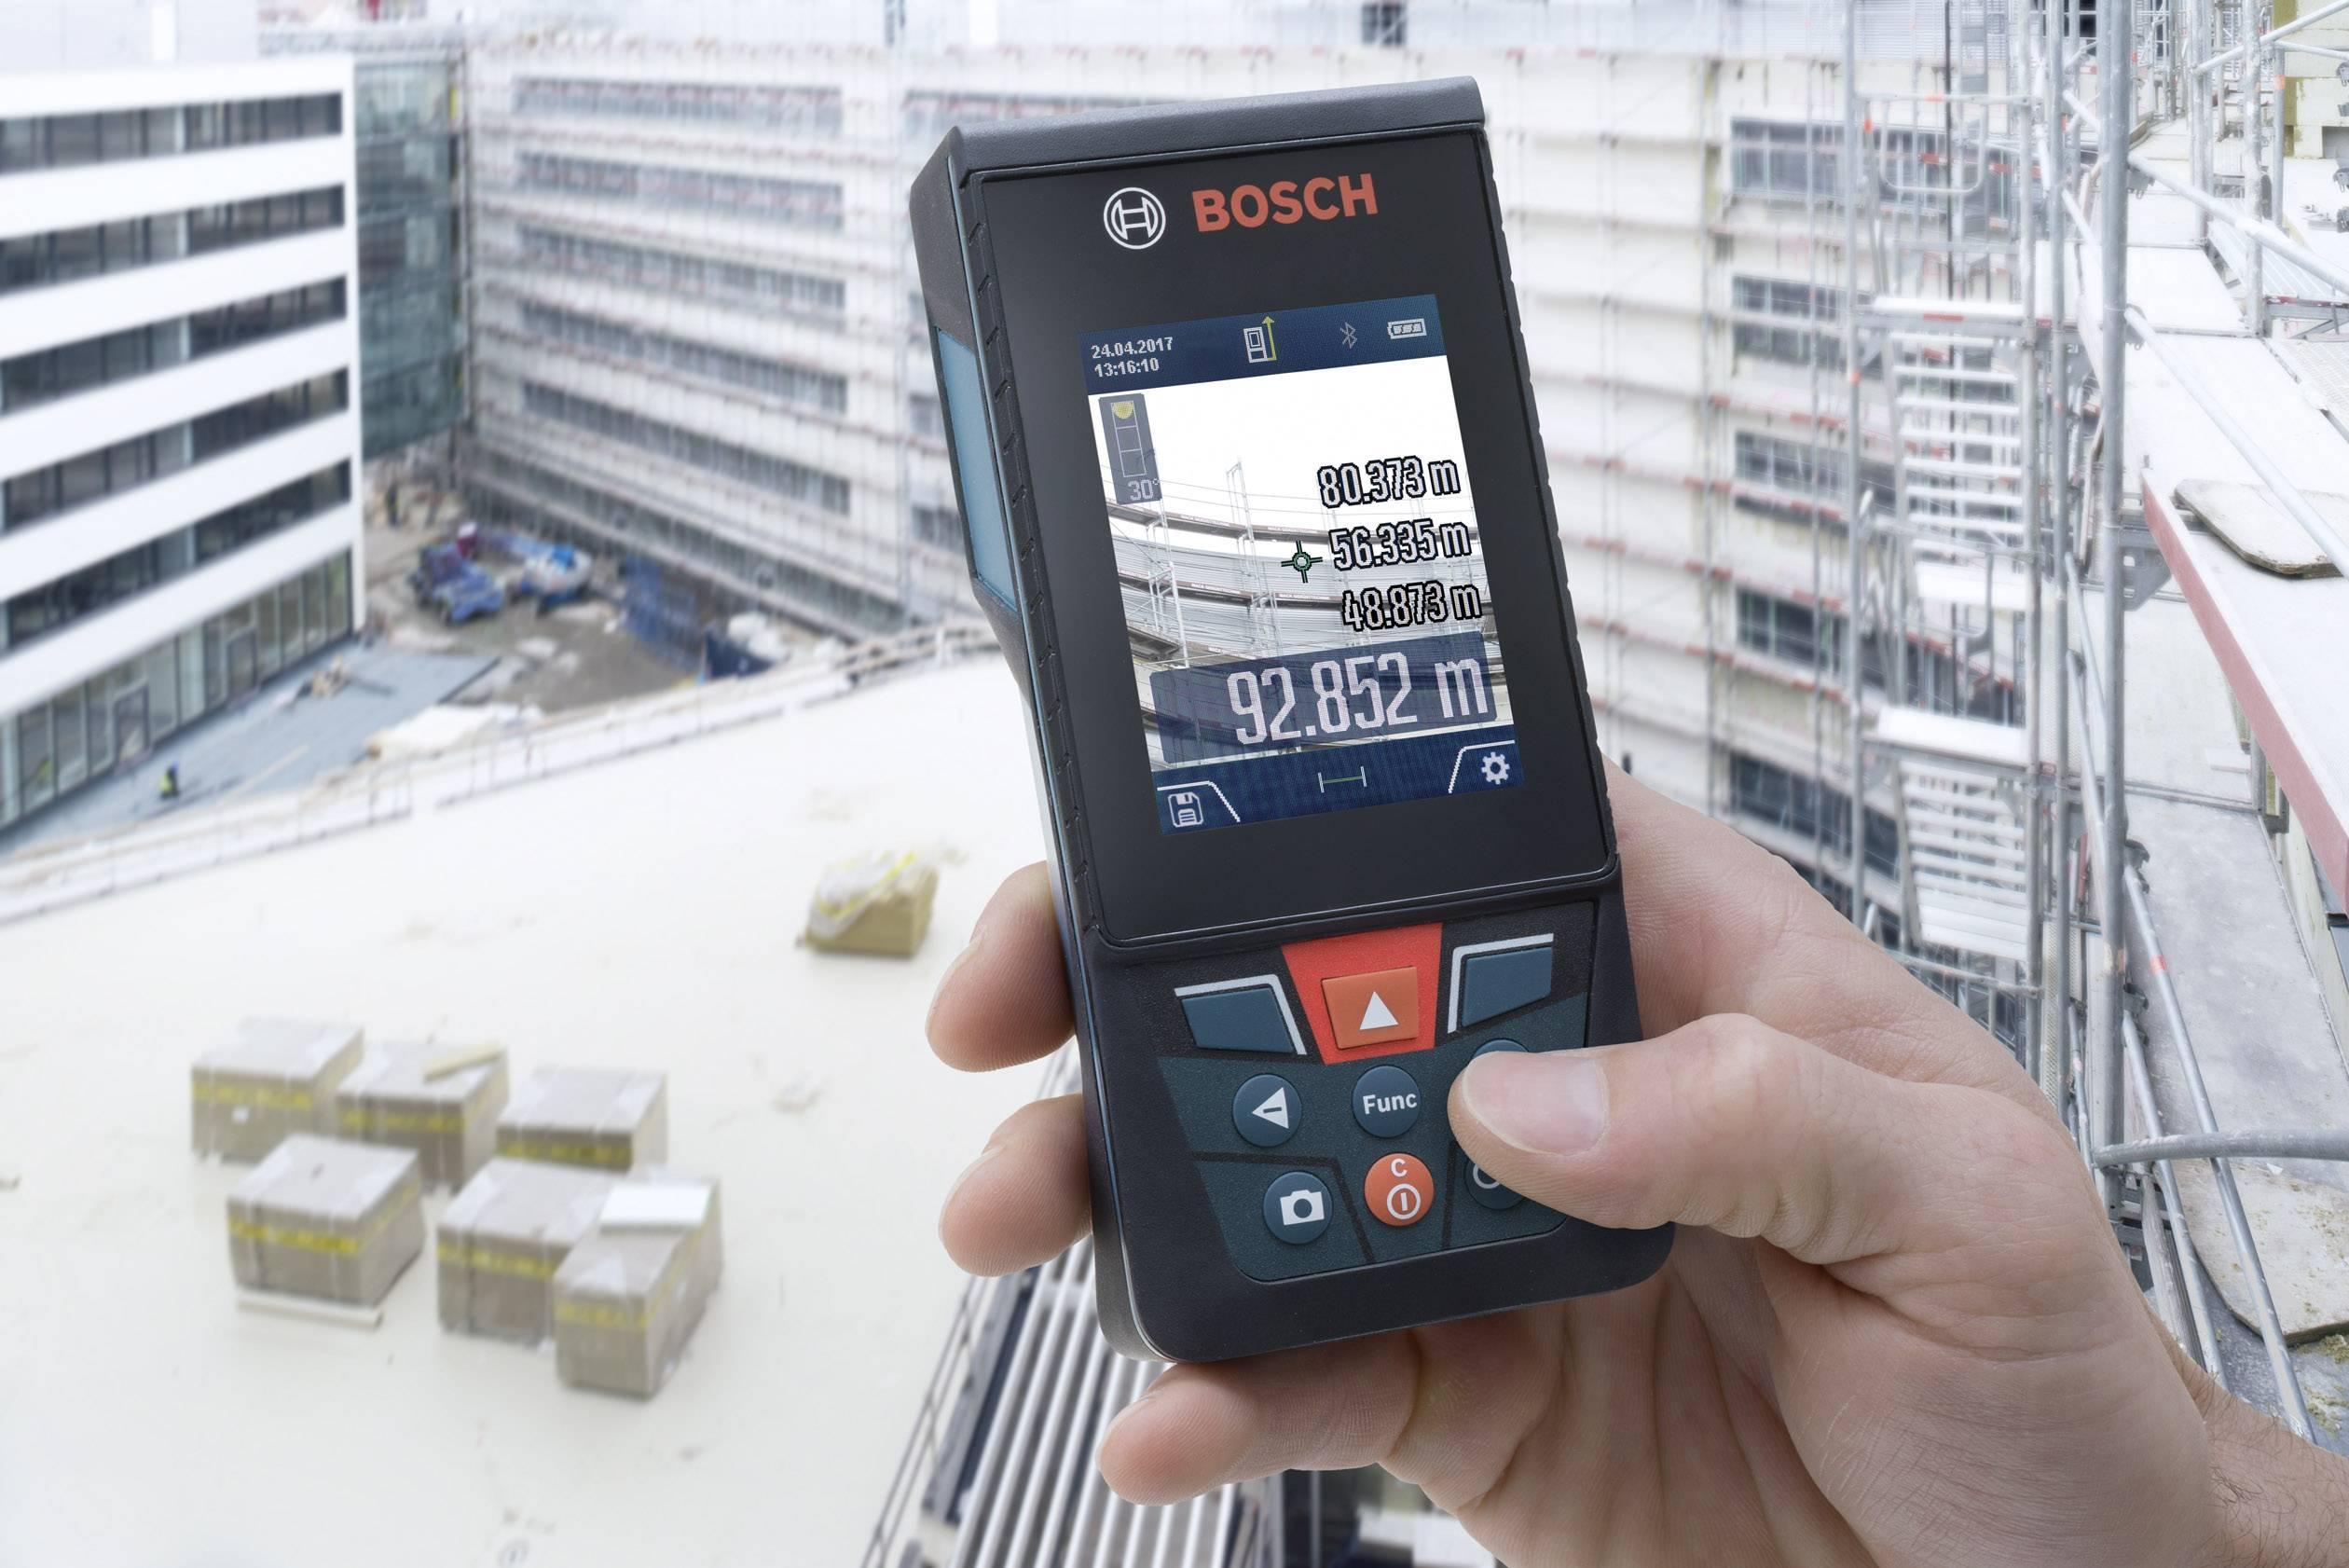 Bosch Laser Entfernungsmesser Conrad : Bosch professional glm c prof laser entfernungsmesser